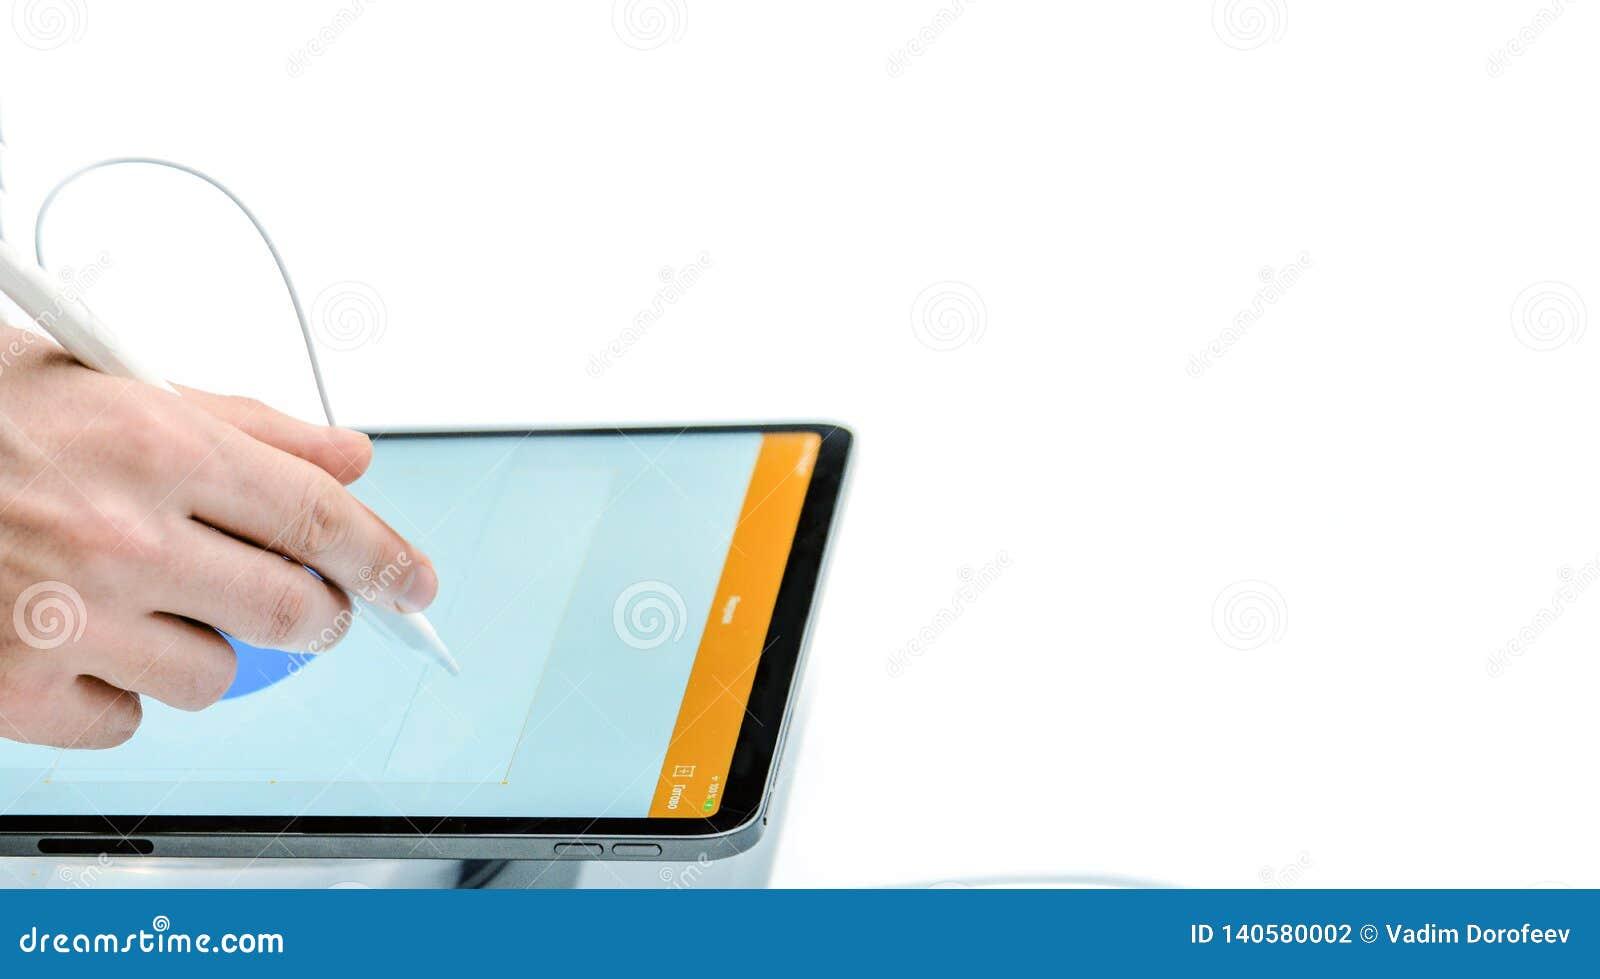 Una mano con una aguja dibuja en una tableta Tecnología de Digitaces Fondo aislado blanco Primer